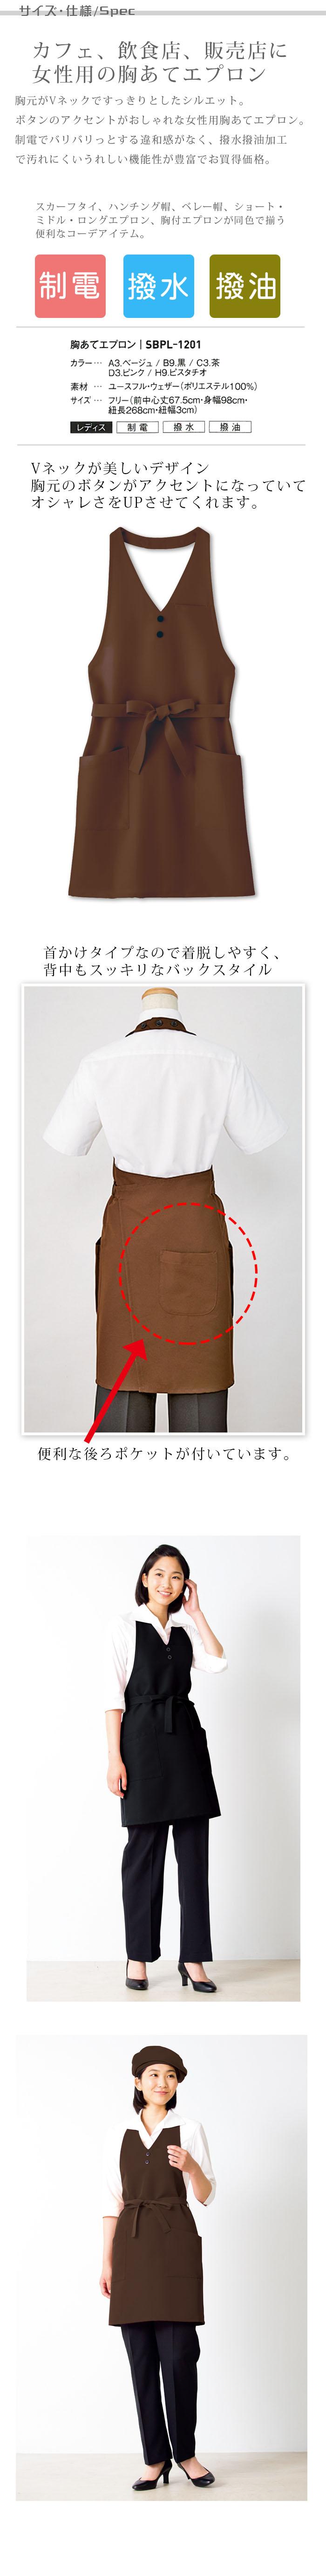 飲食店販売制服 5色から選べるコーデしやすい胸あてエプロン 撥水・撥油・制電 女性用  商品詳細、サイズ、スペック説明